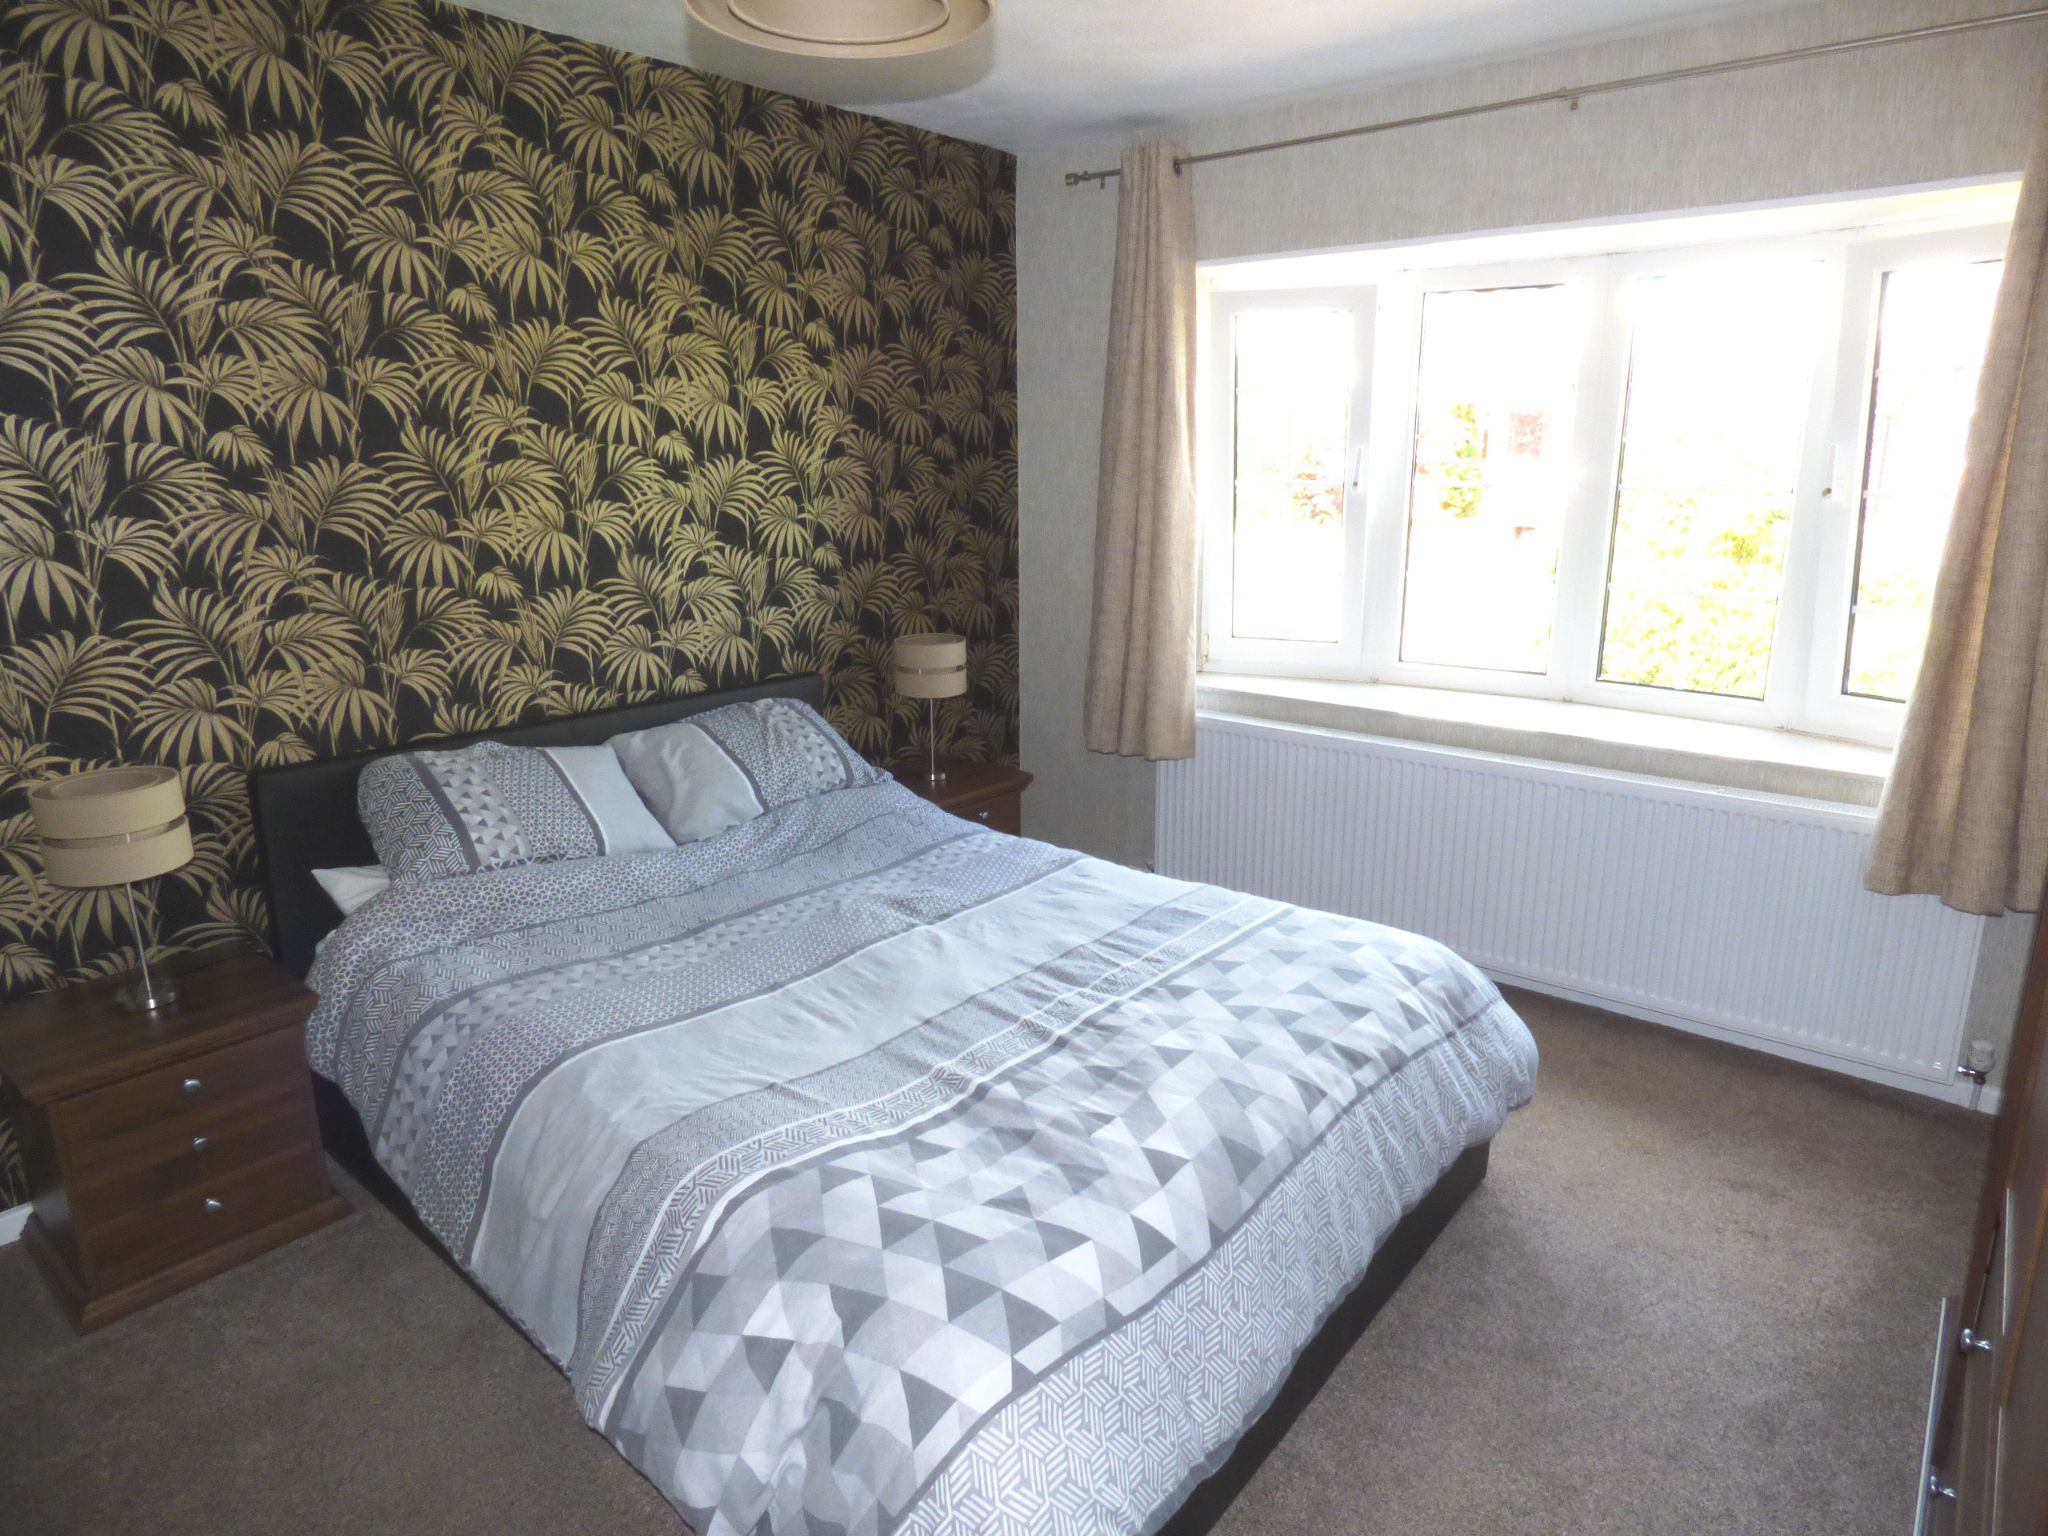 5 Bedroom Detached Bungalow For Sale - Photograph 5